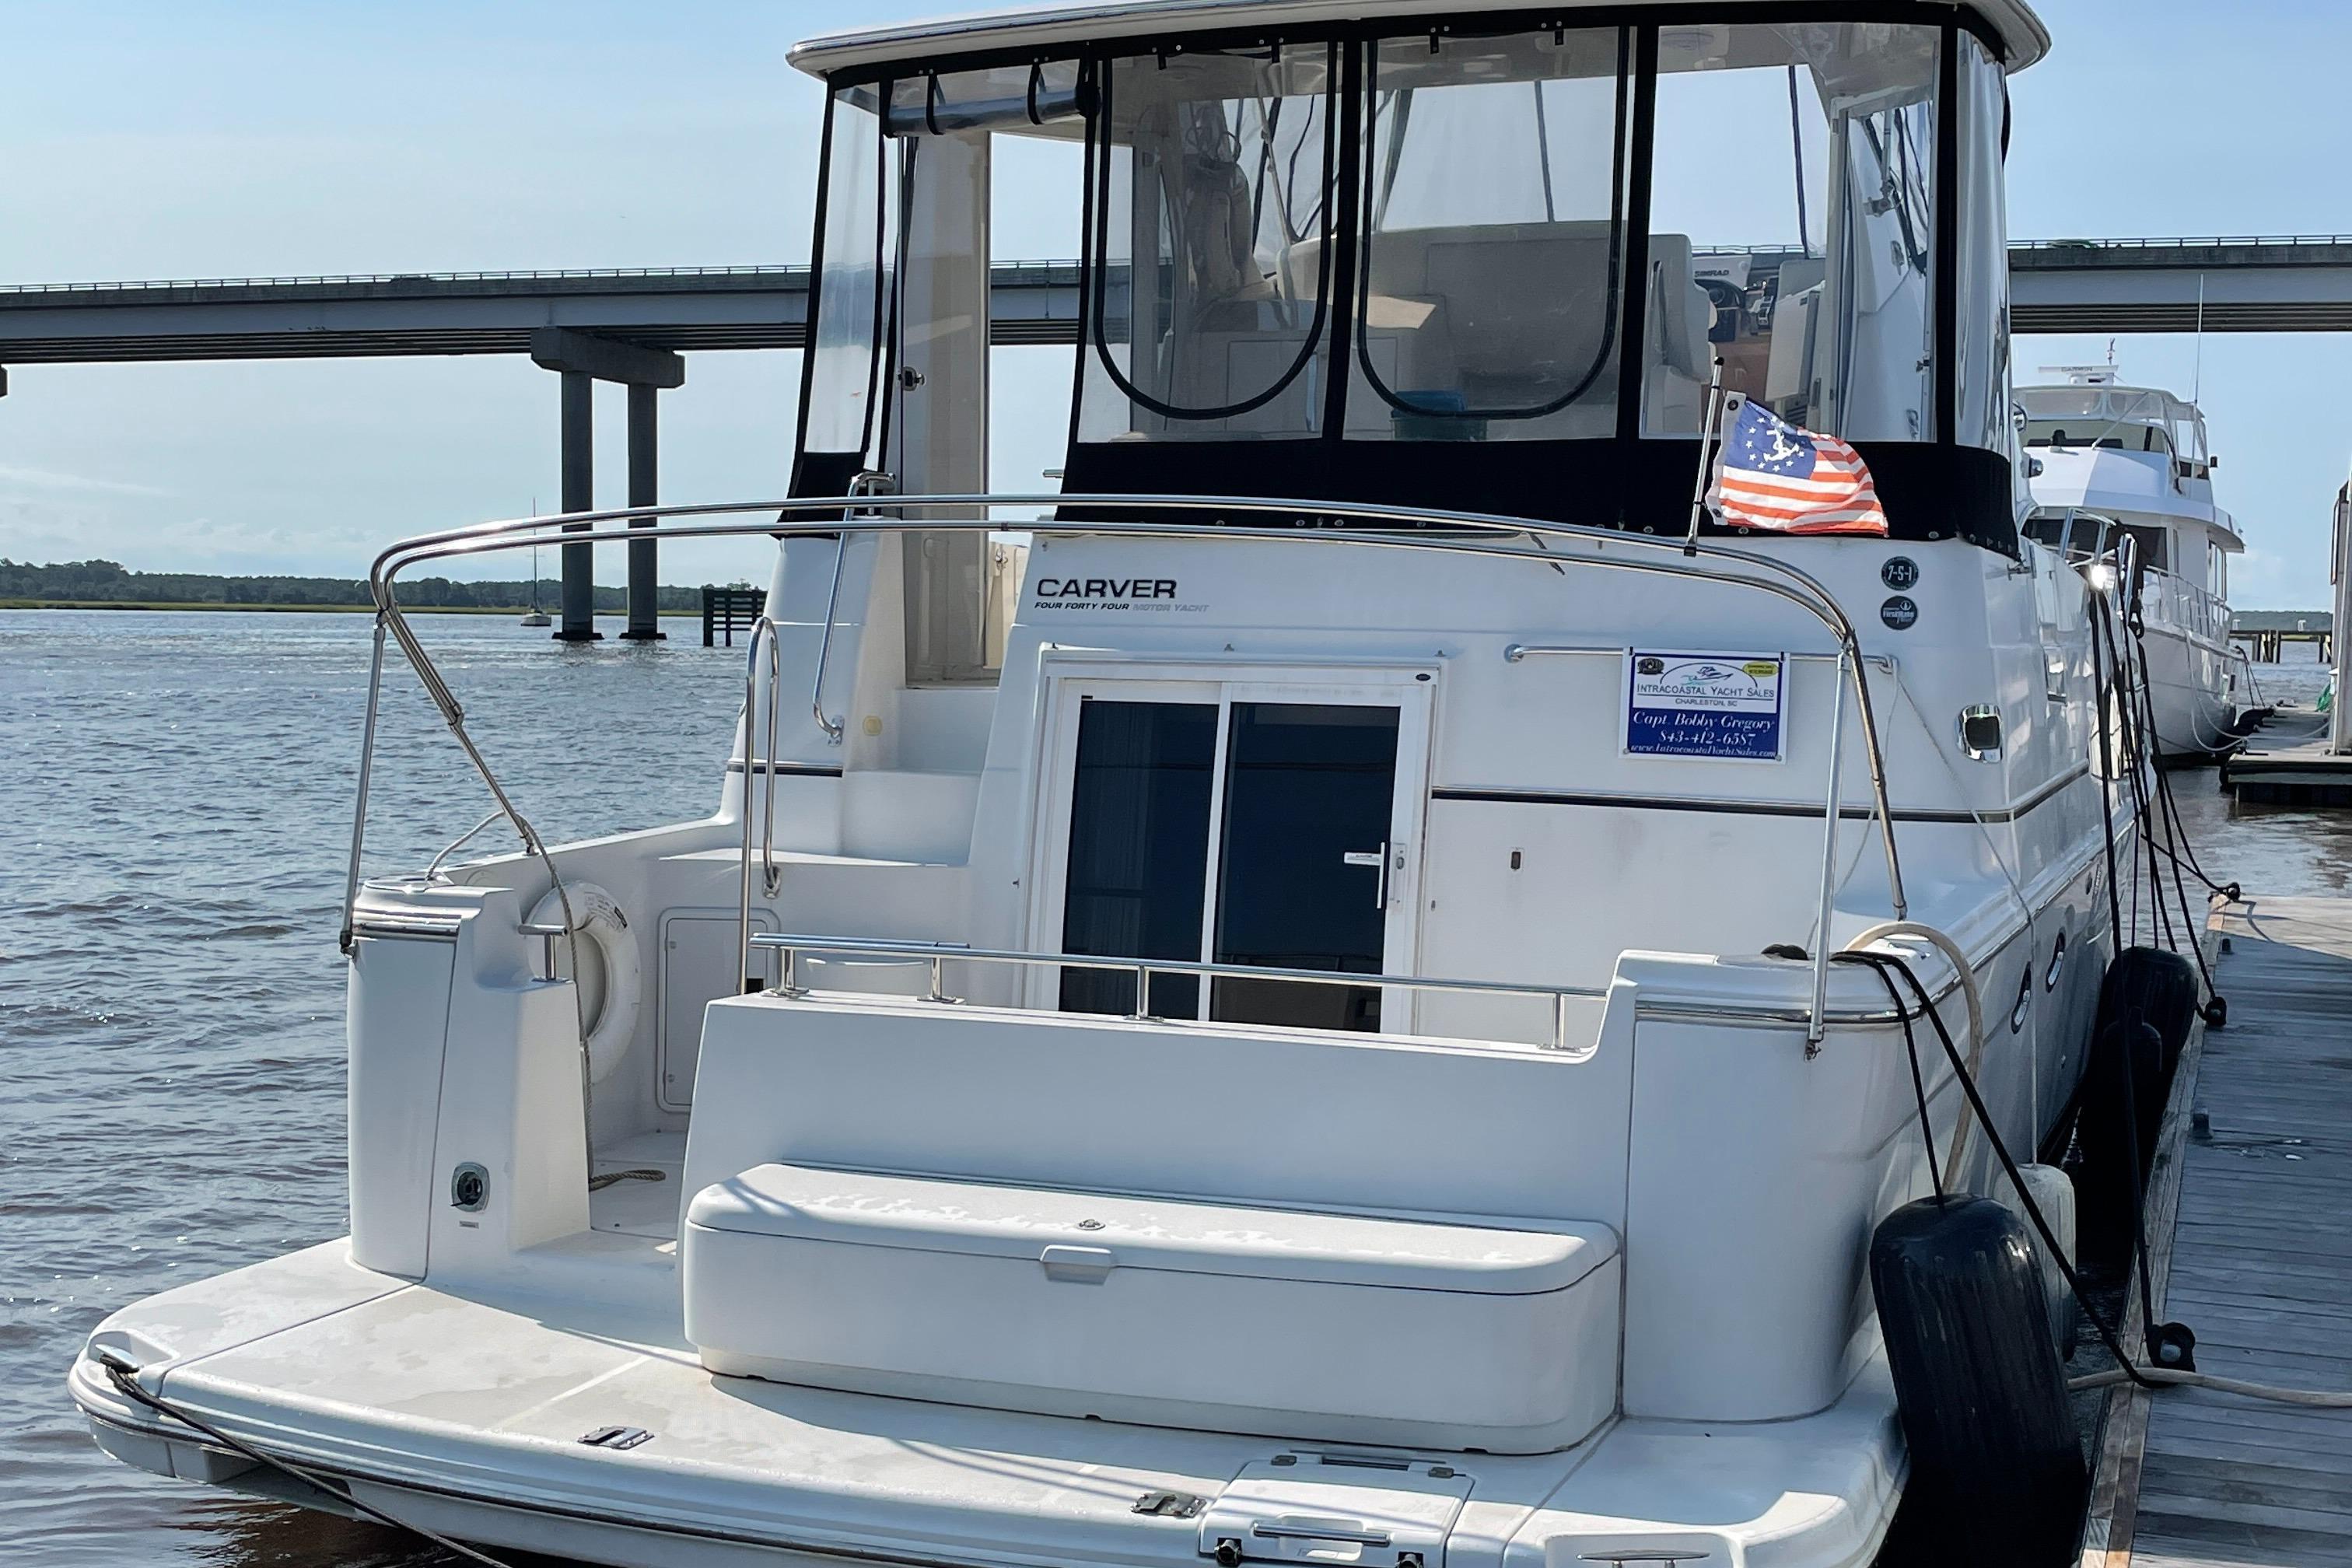 Carver 444 Cockpit Motor Yacht - Aft Shot